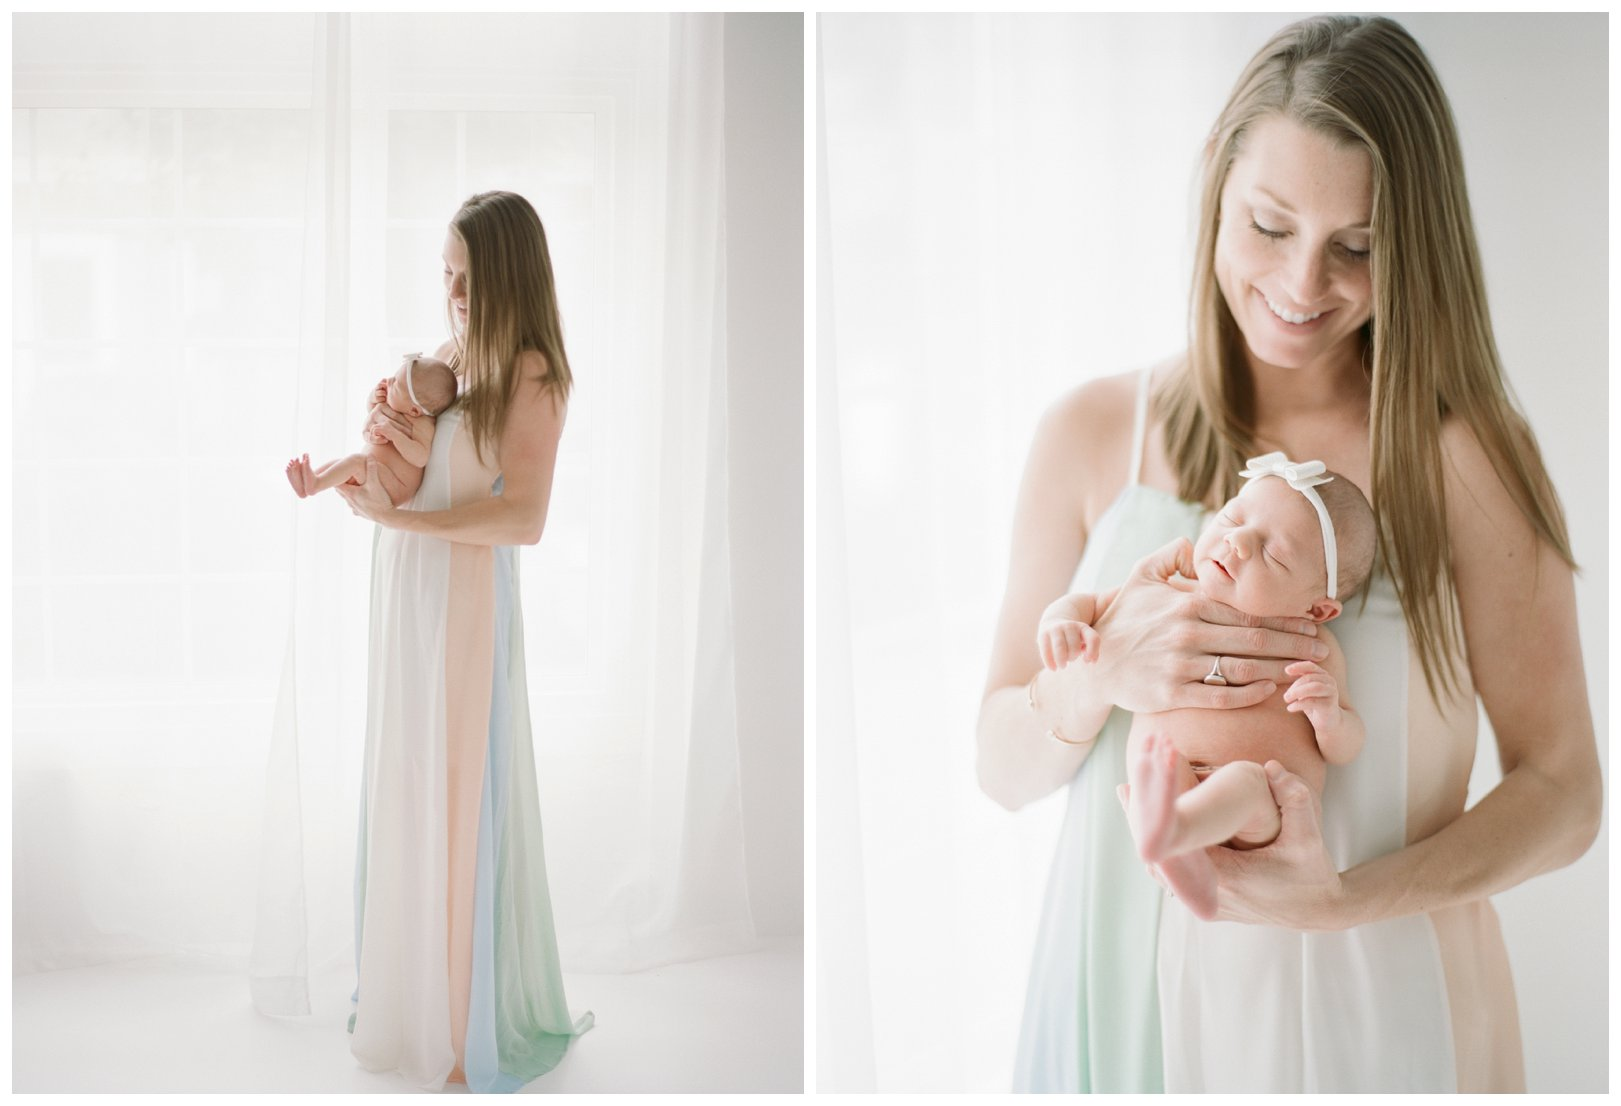 lauren muckler photography_fine art film wedding photography_st louis_photography_2658.jpg